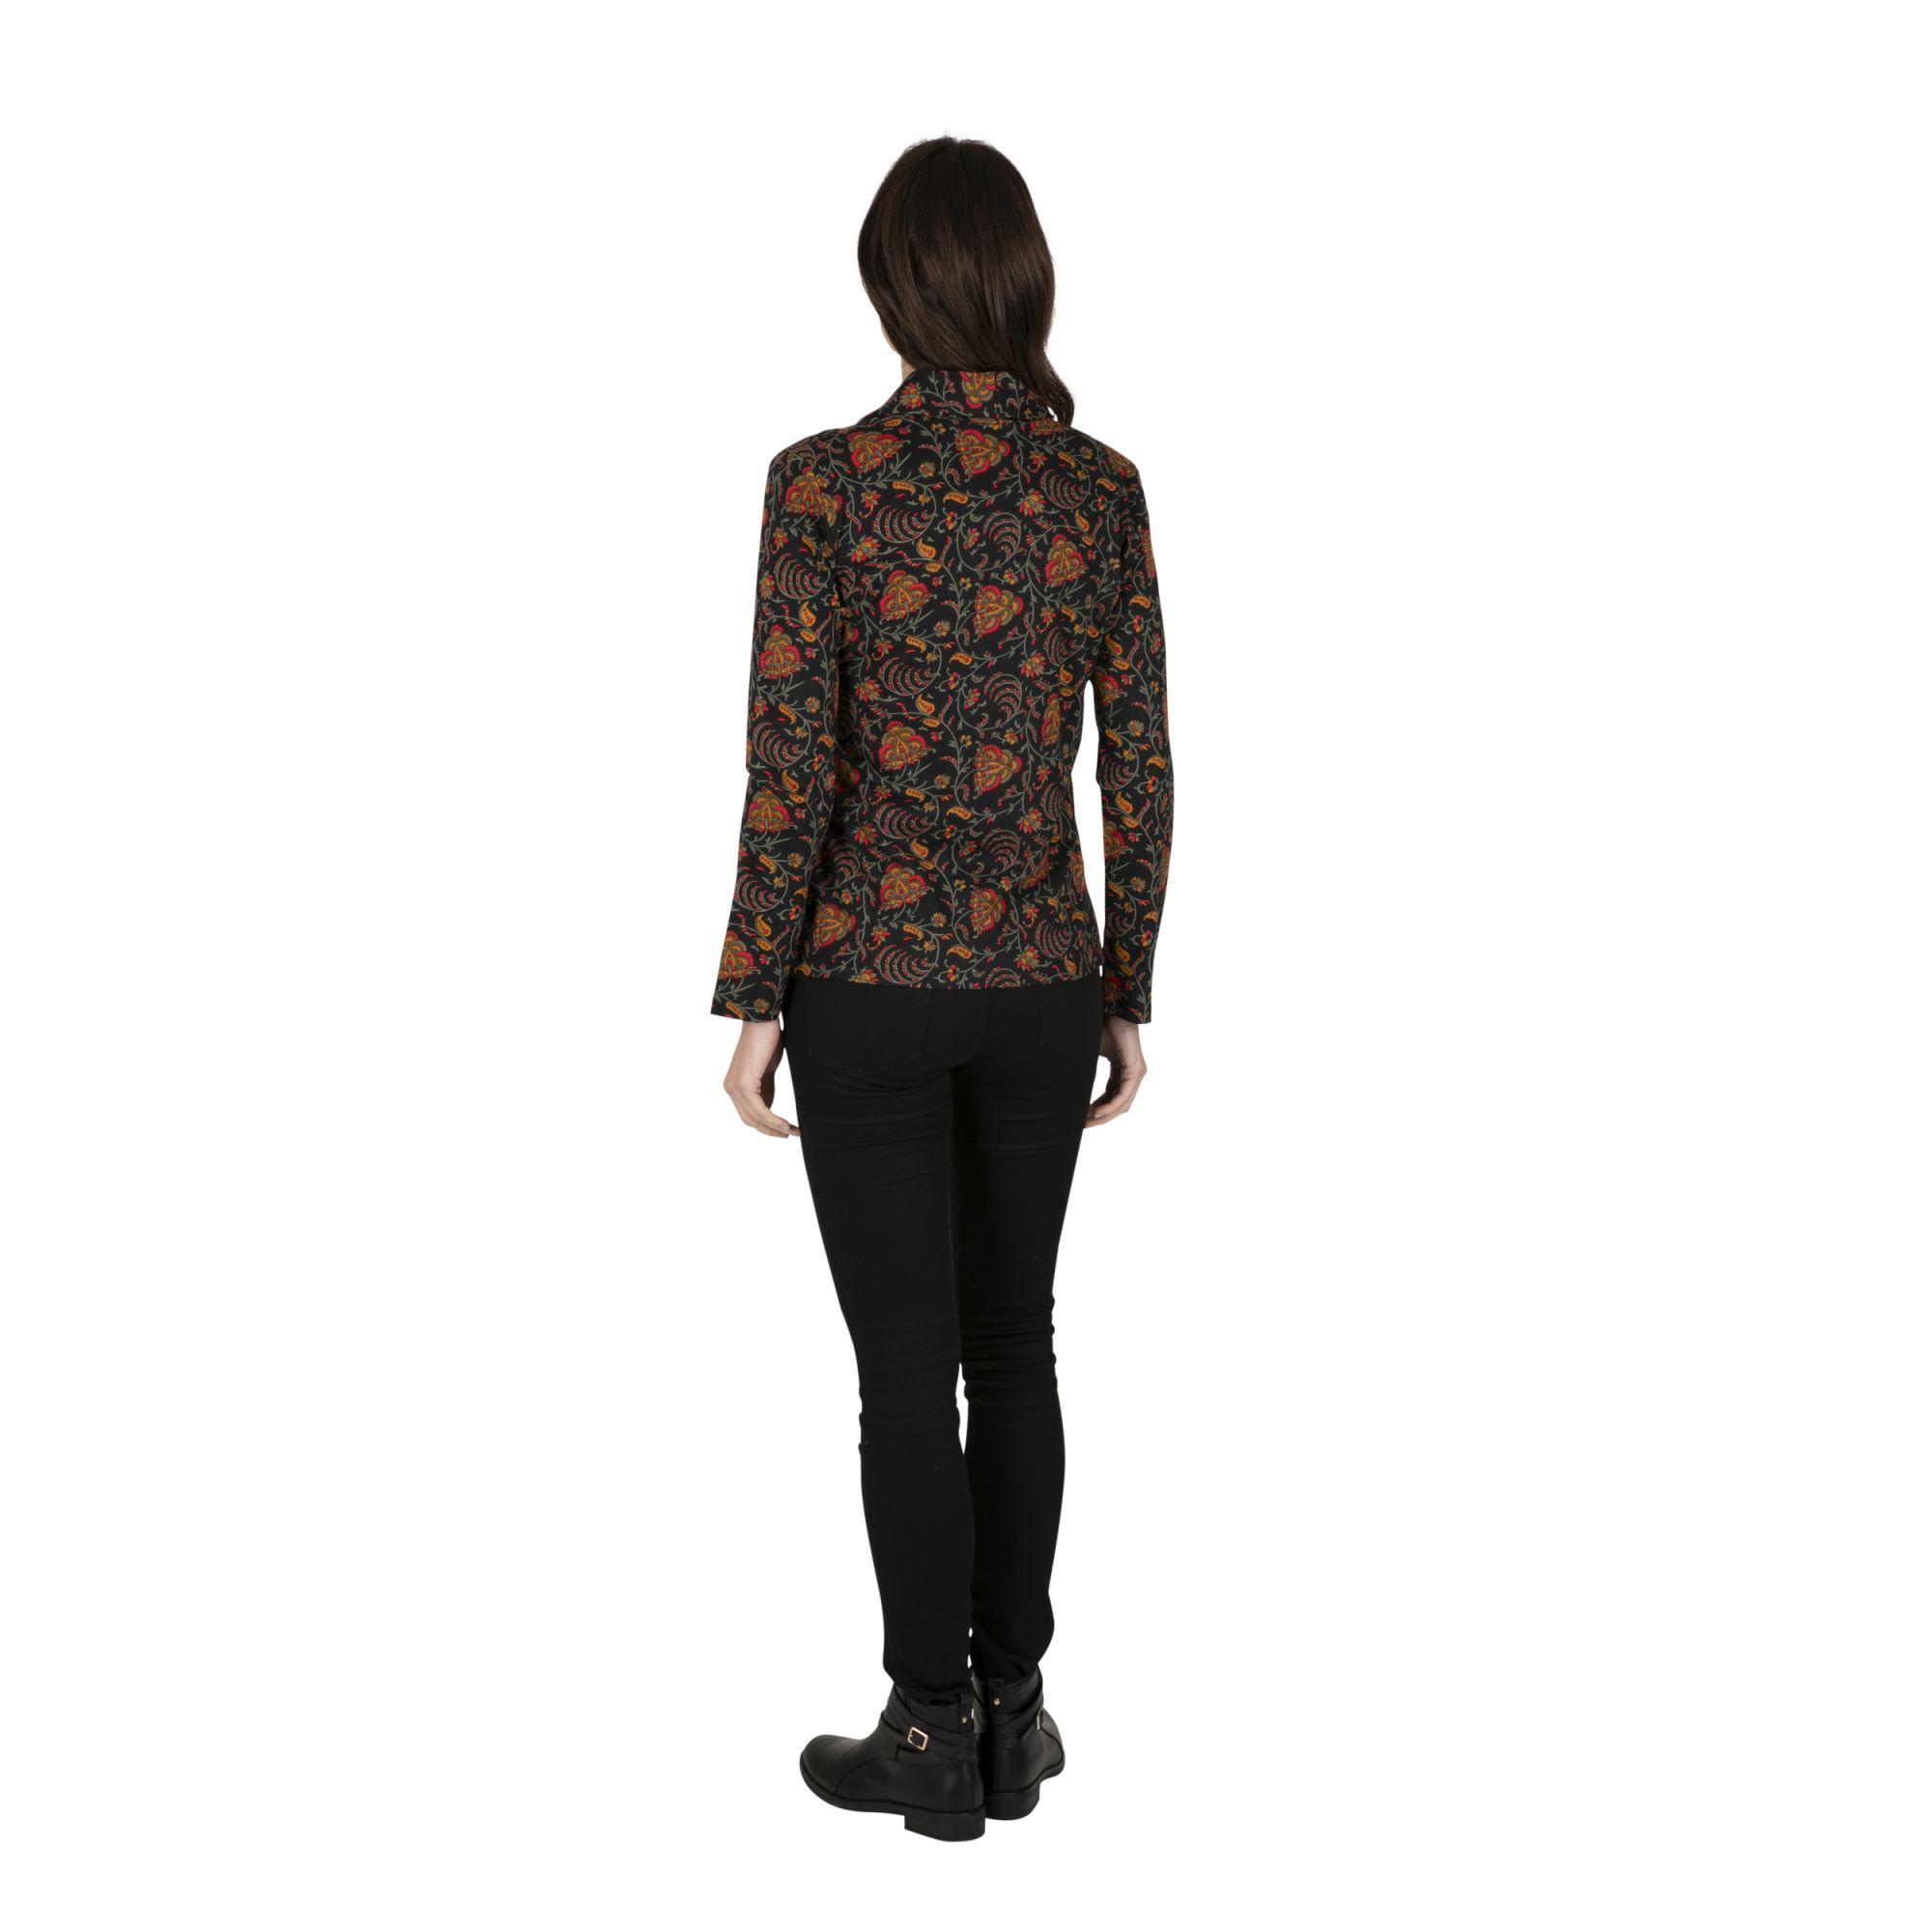 Veste femme courte noire et colorée pour soirée Concordia